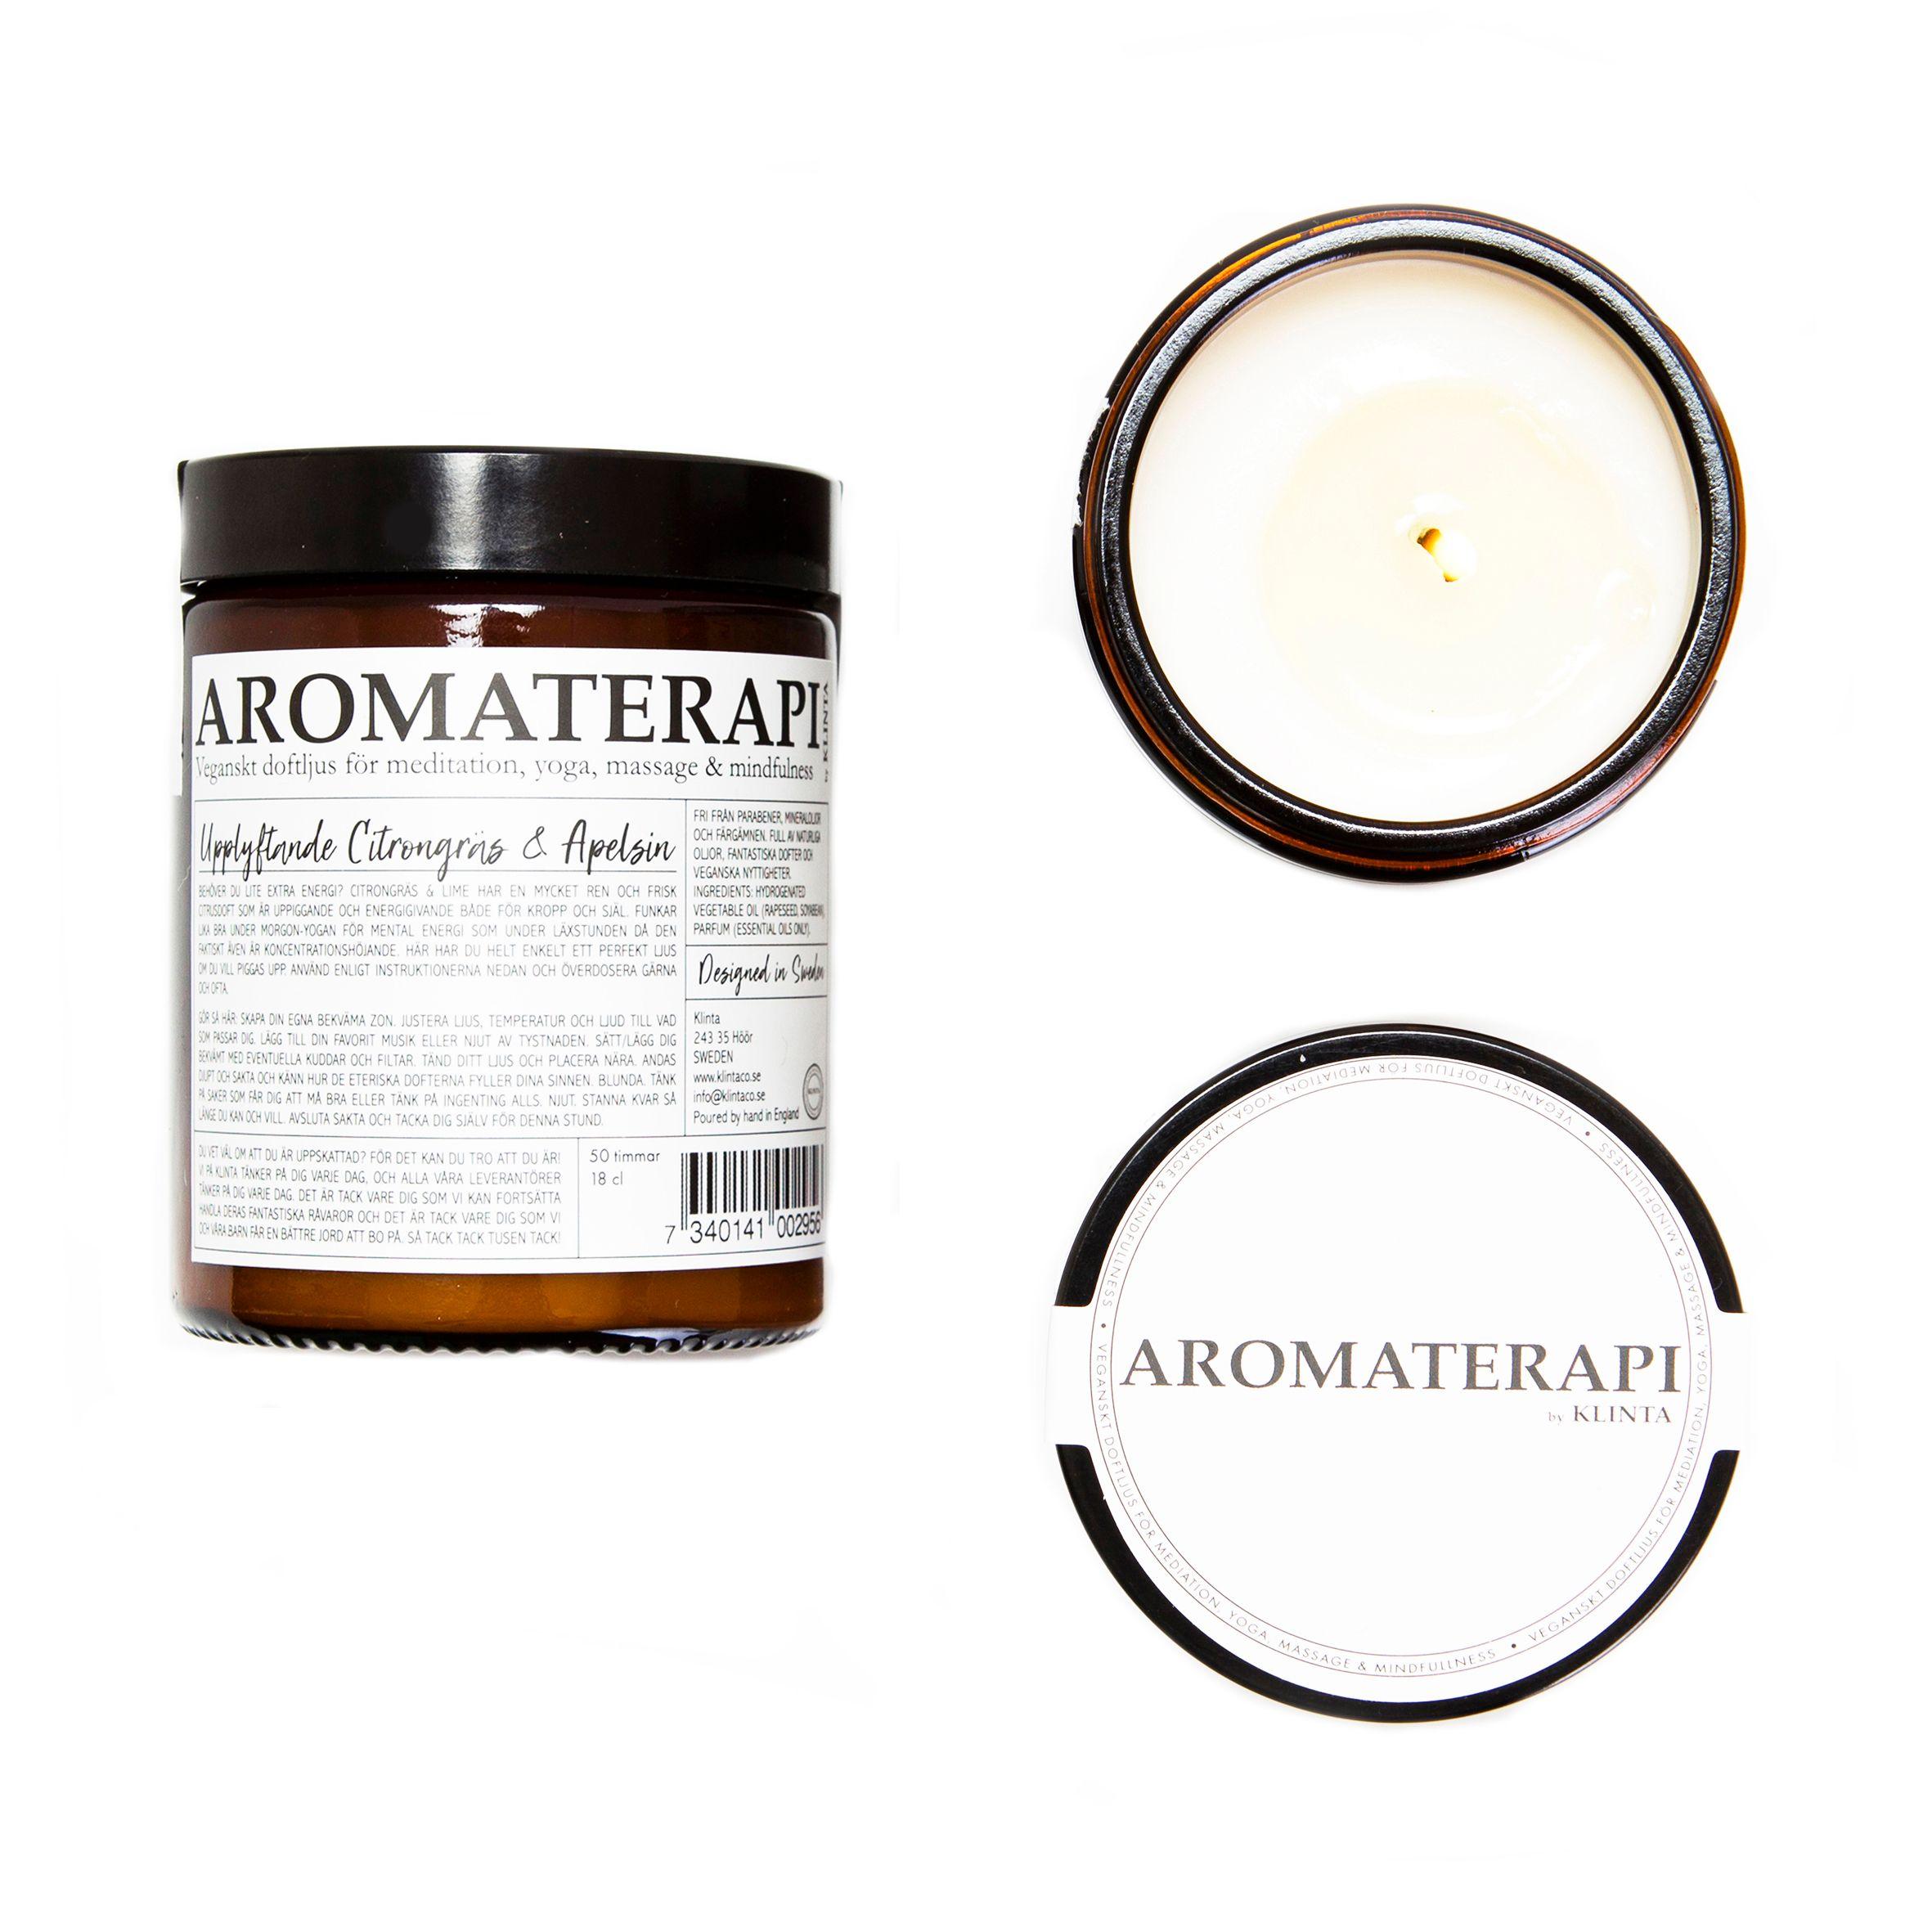 Aromaterapi ljus, citrongräs & apelsin - Klinta